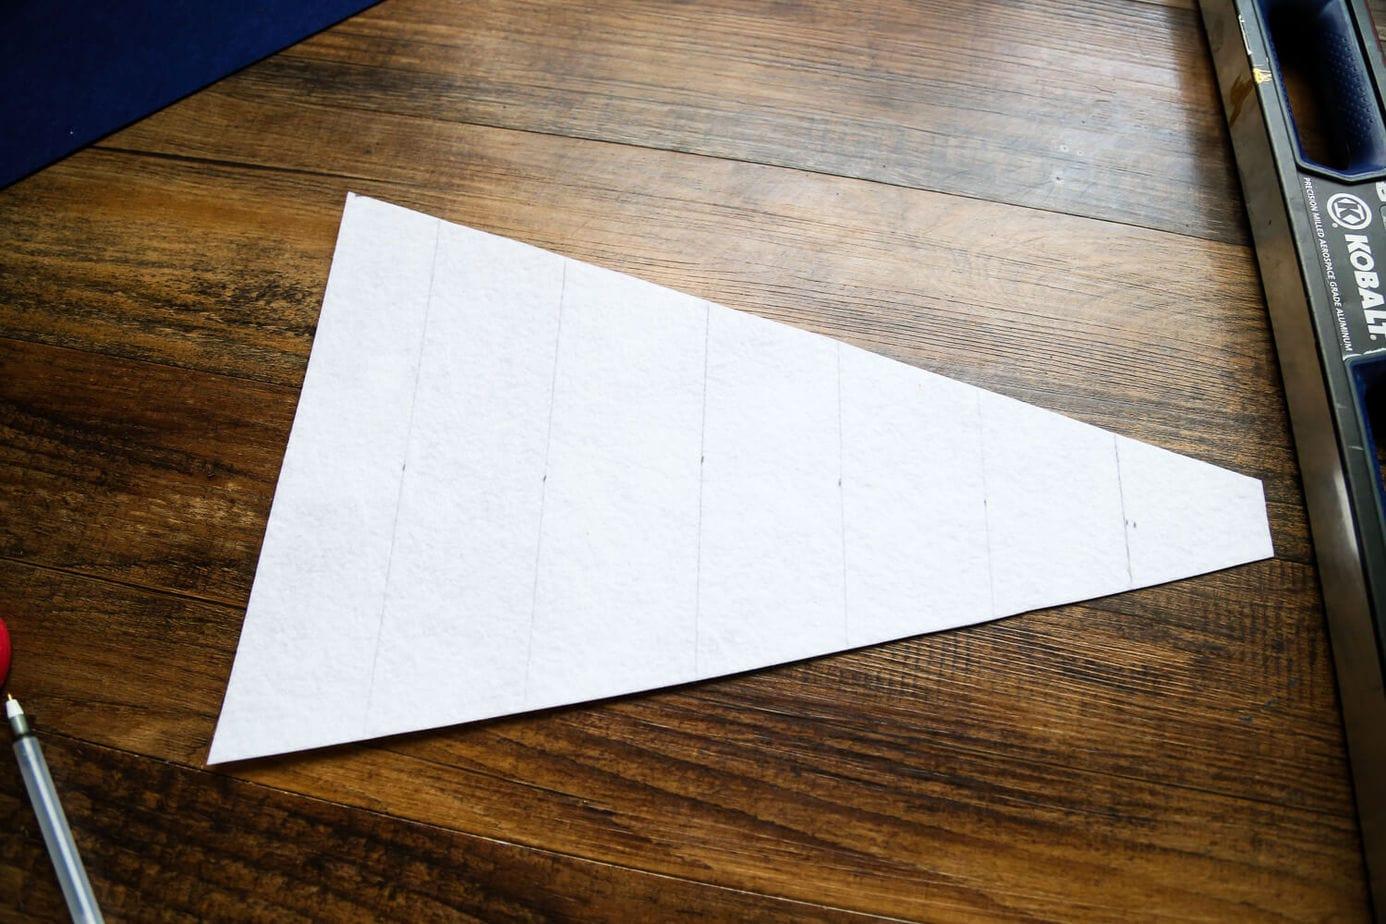 How to create a simple felt pennant